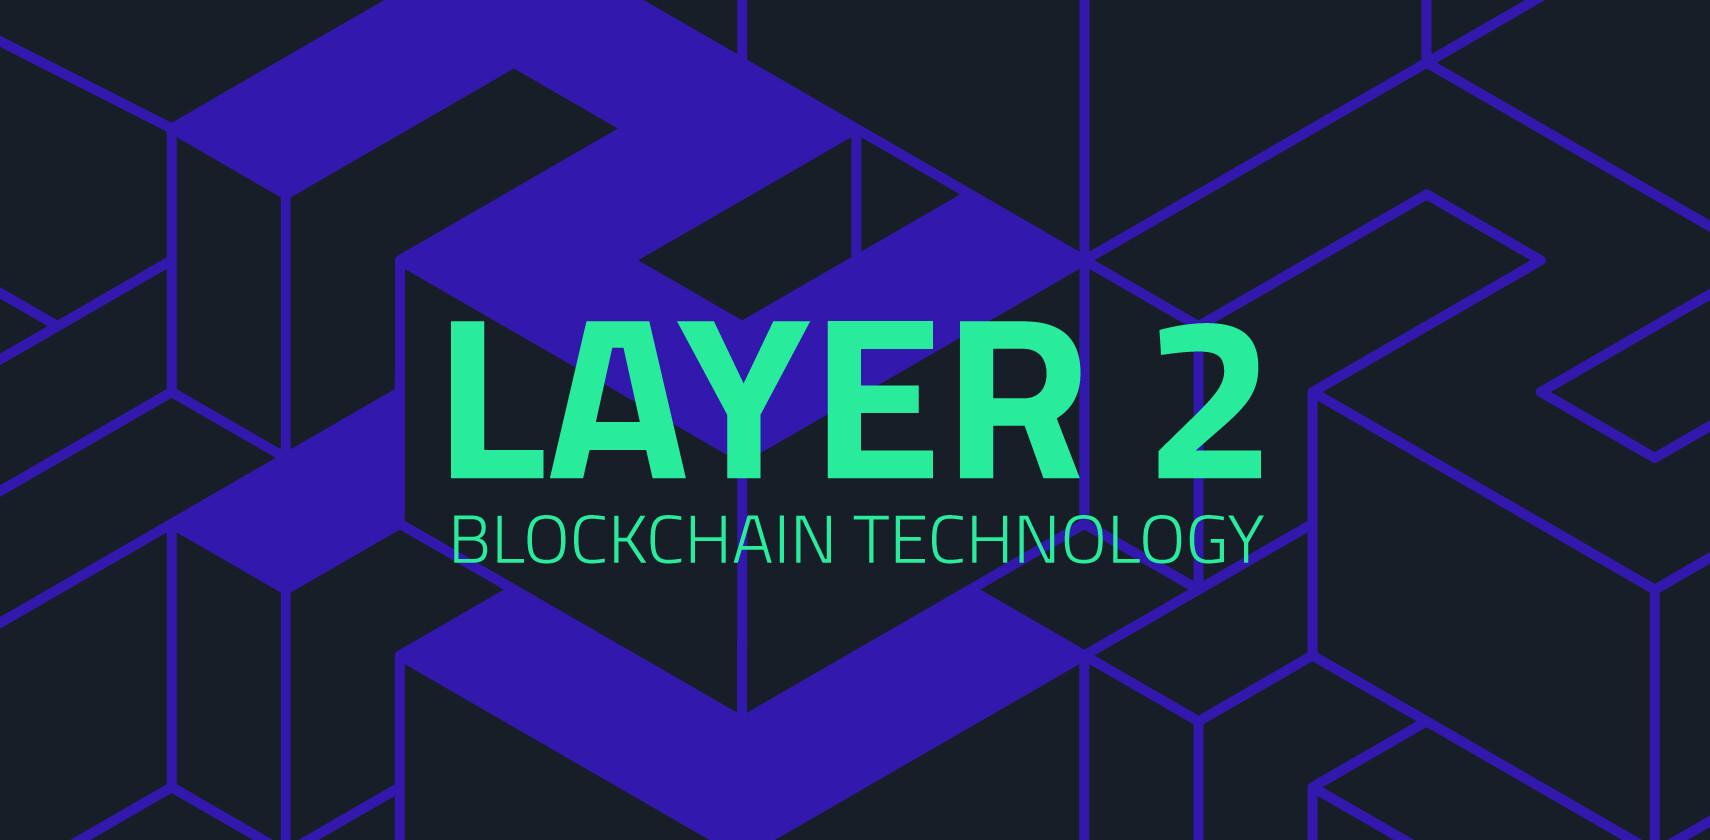 Dfinance: Layer 2 Blockchain Network